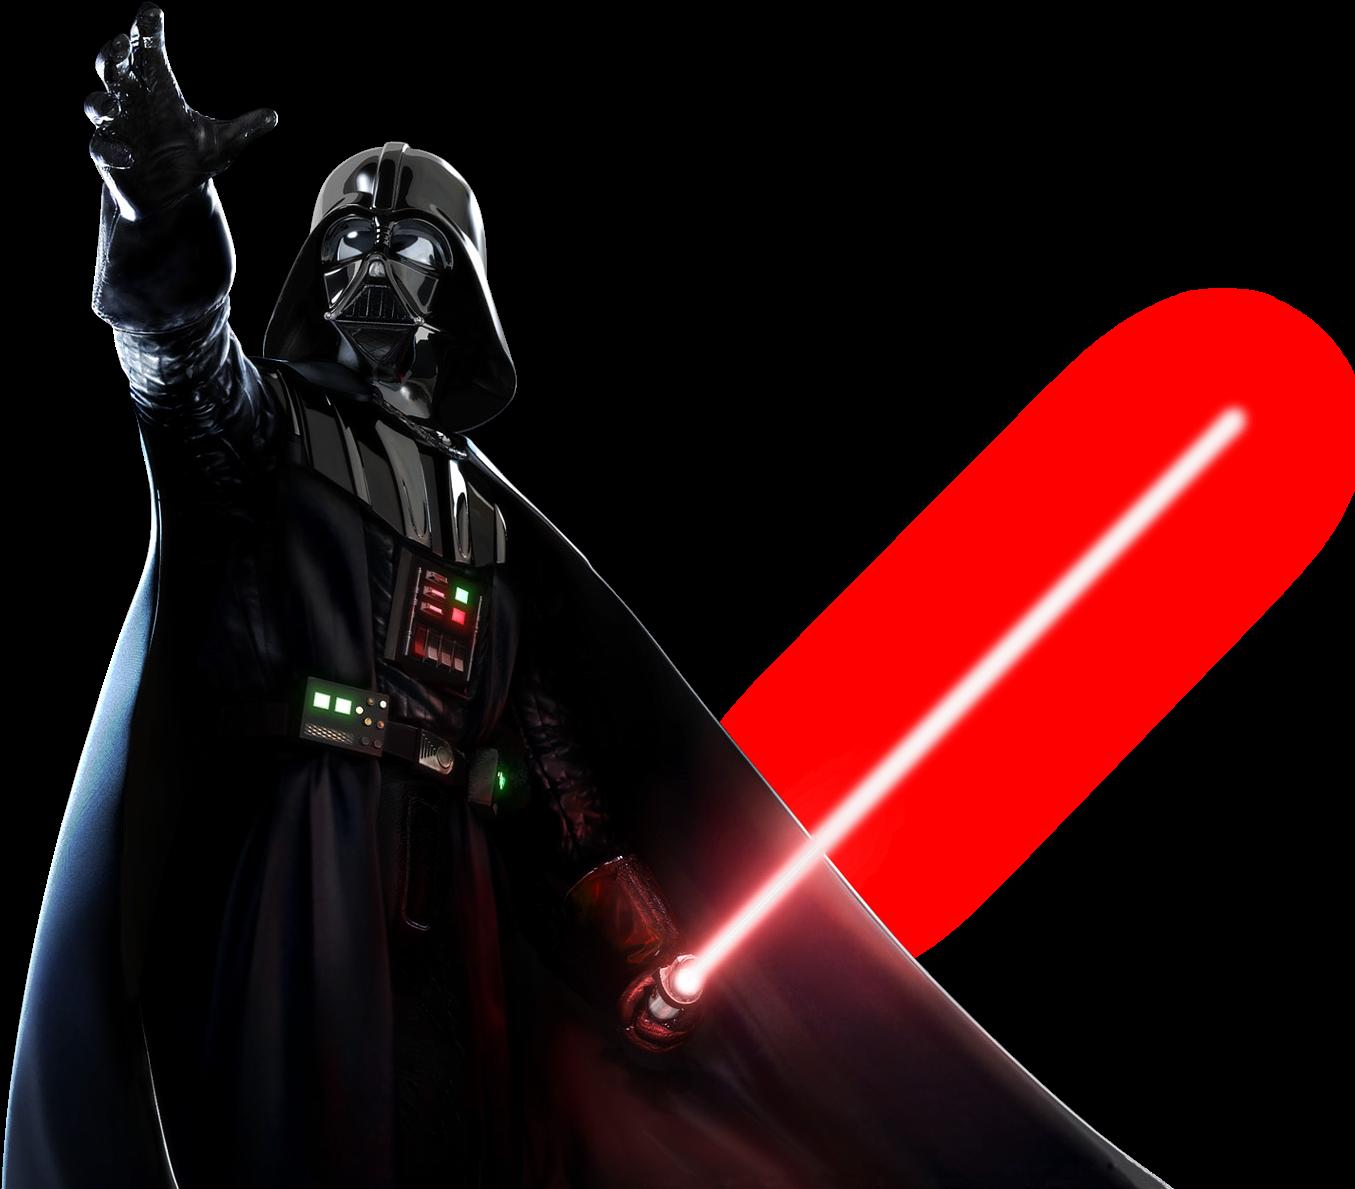 Transparent star wars clip art - Anakin Skywalker Luke Skywalker Star Wars Clip Art - Star Wars Darth Vader Png